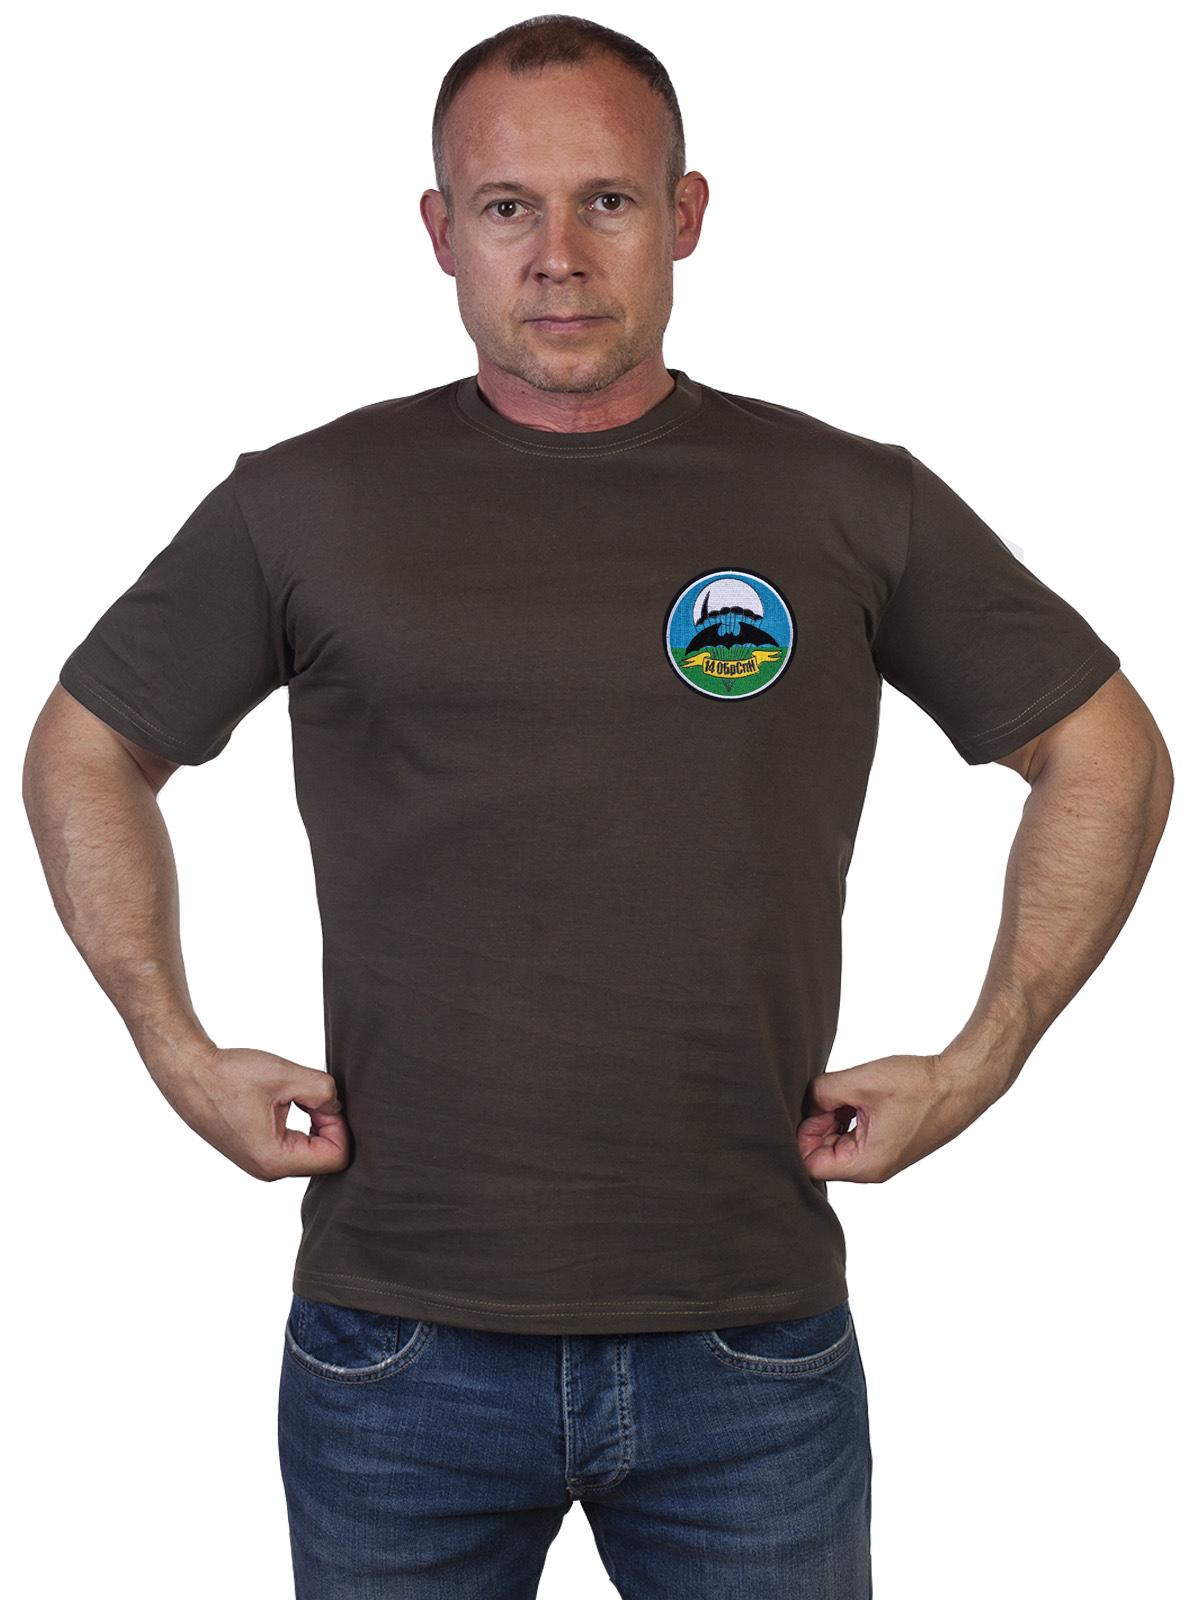 Мужские футболки 14 ОБрСпН